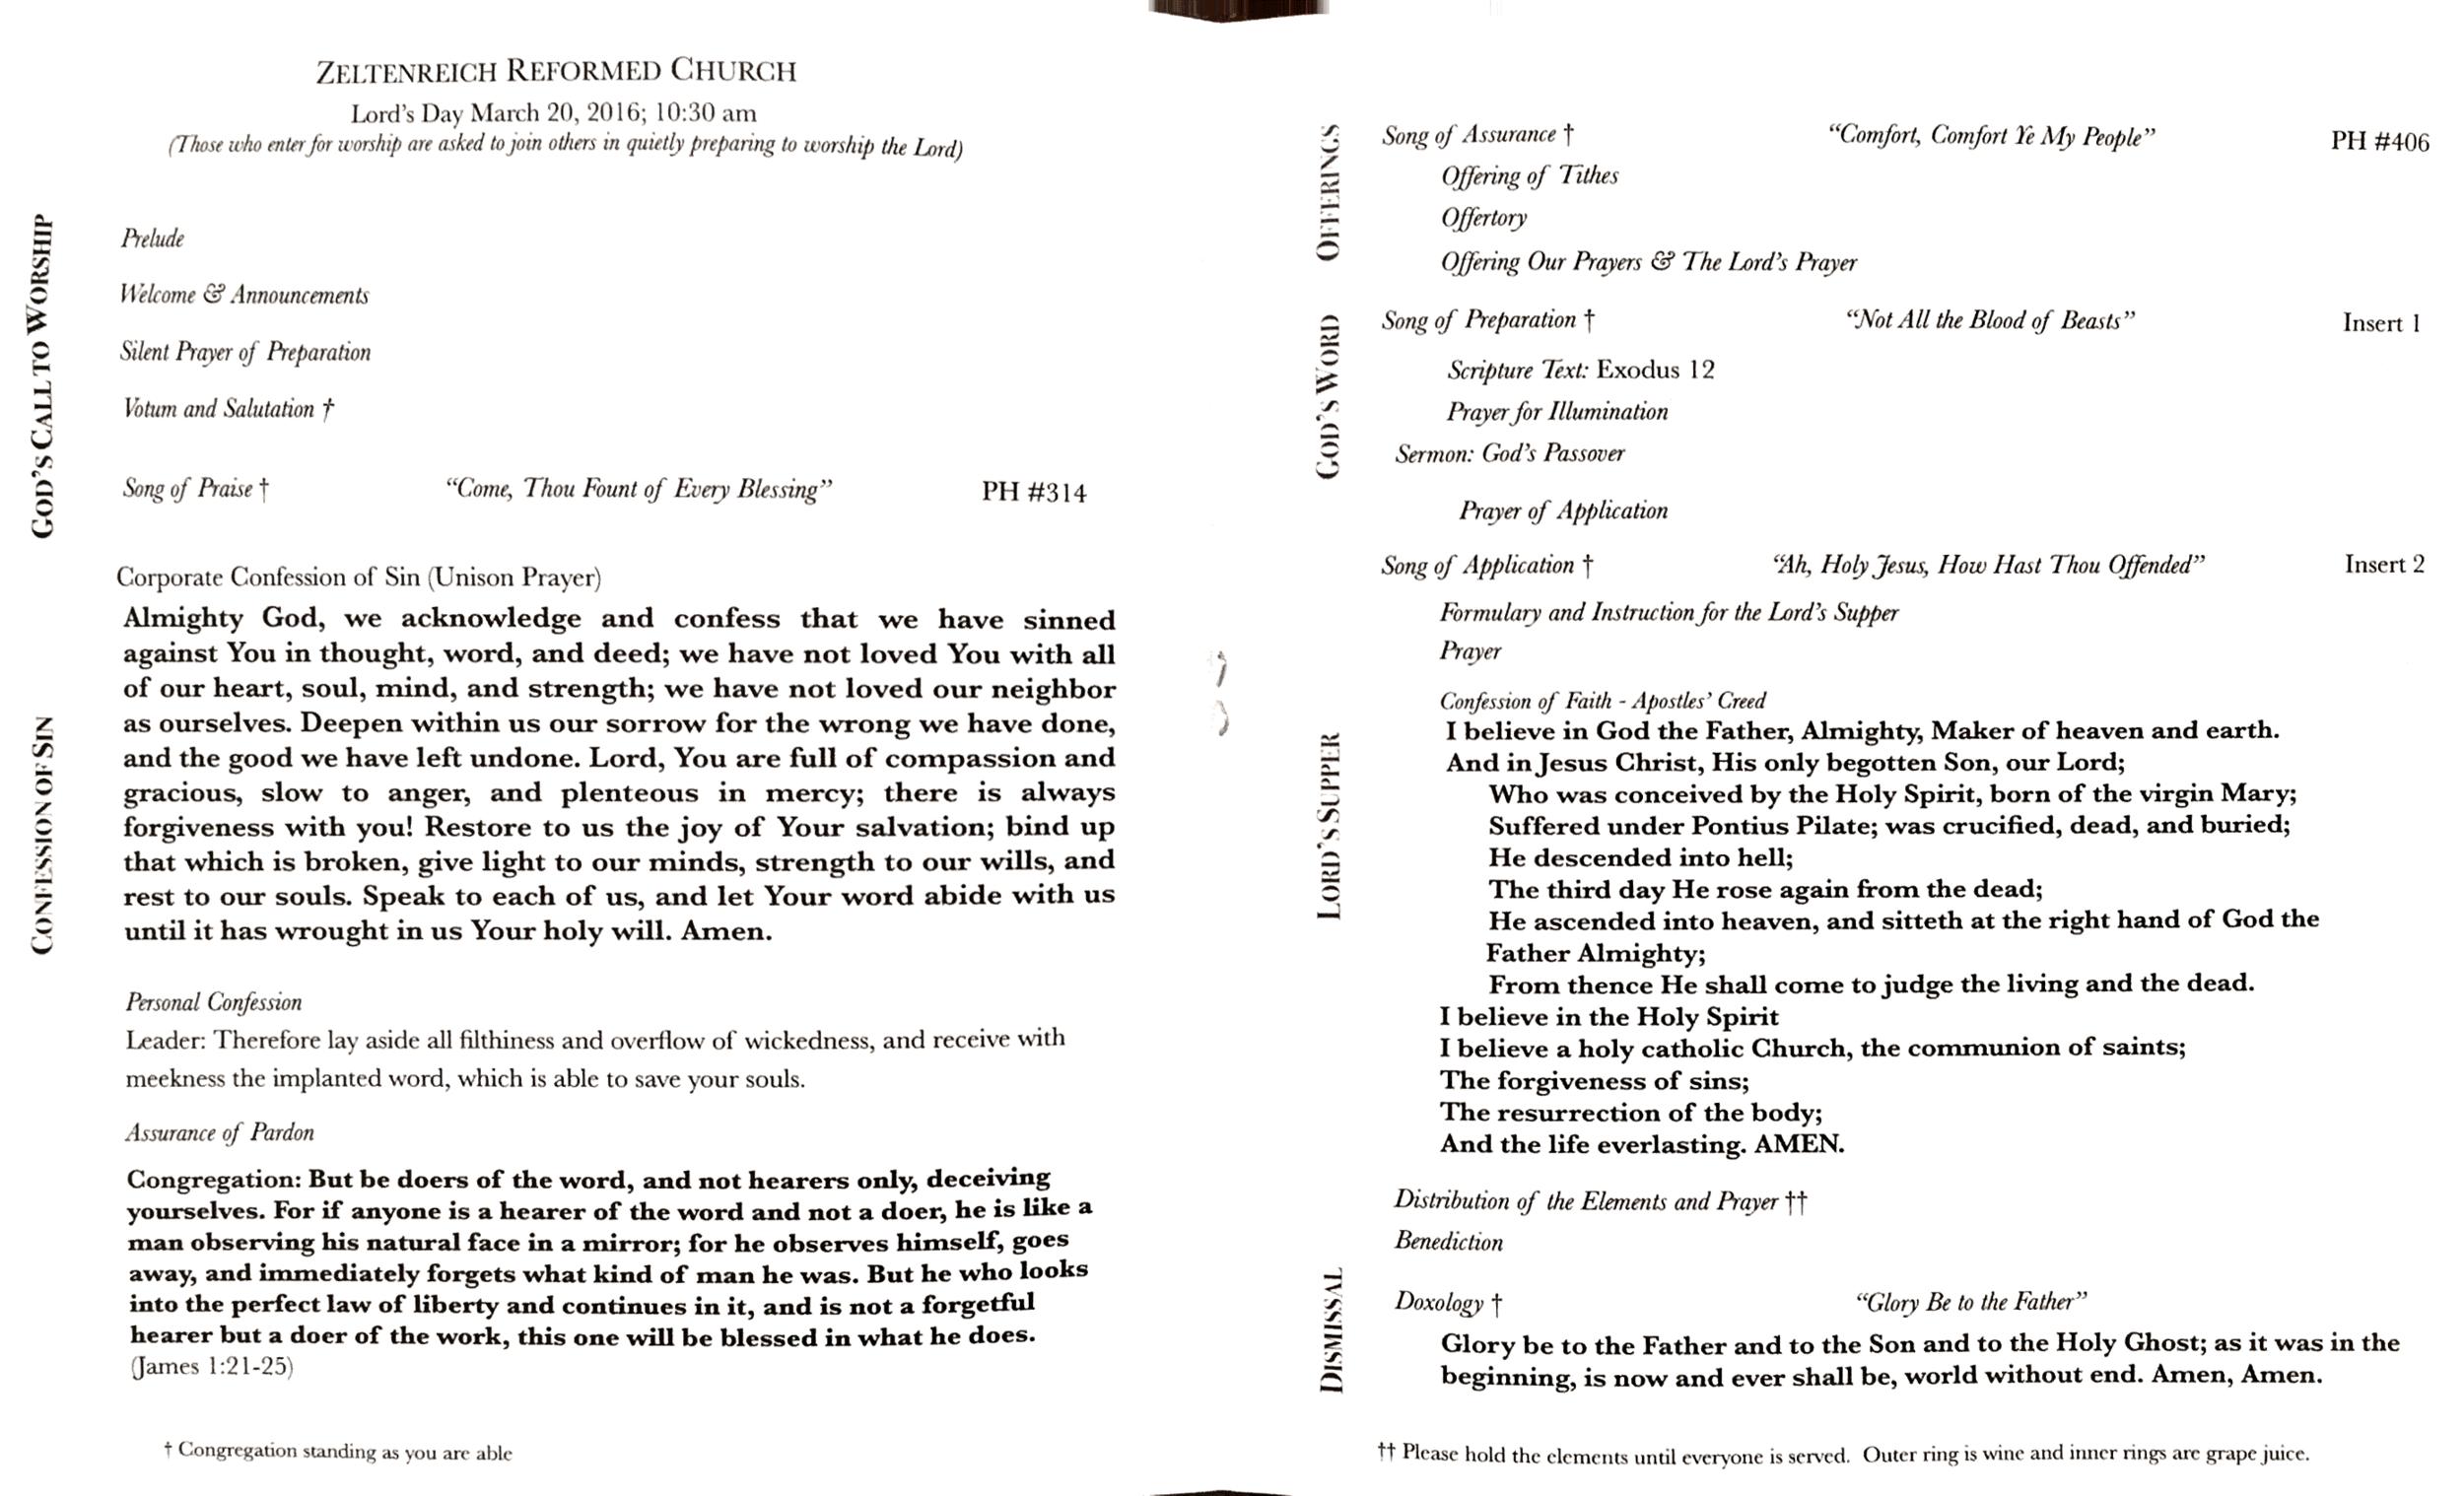 Zeltenreich Reformed Church Bulletin 3.20.2016